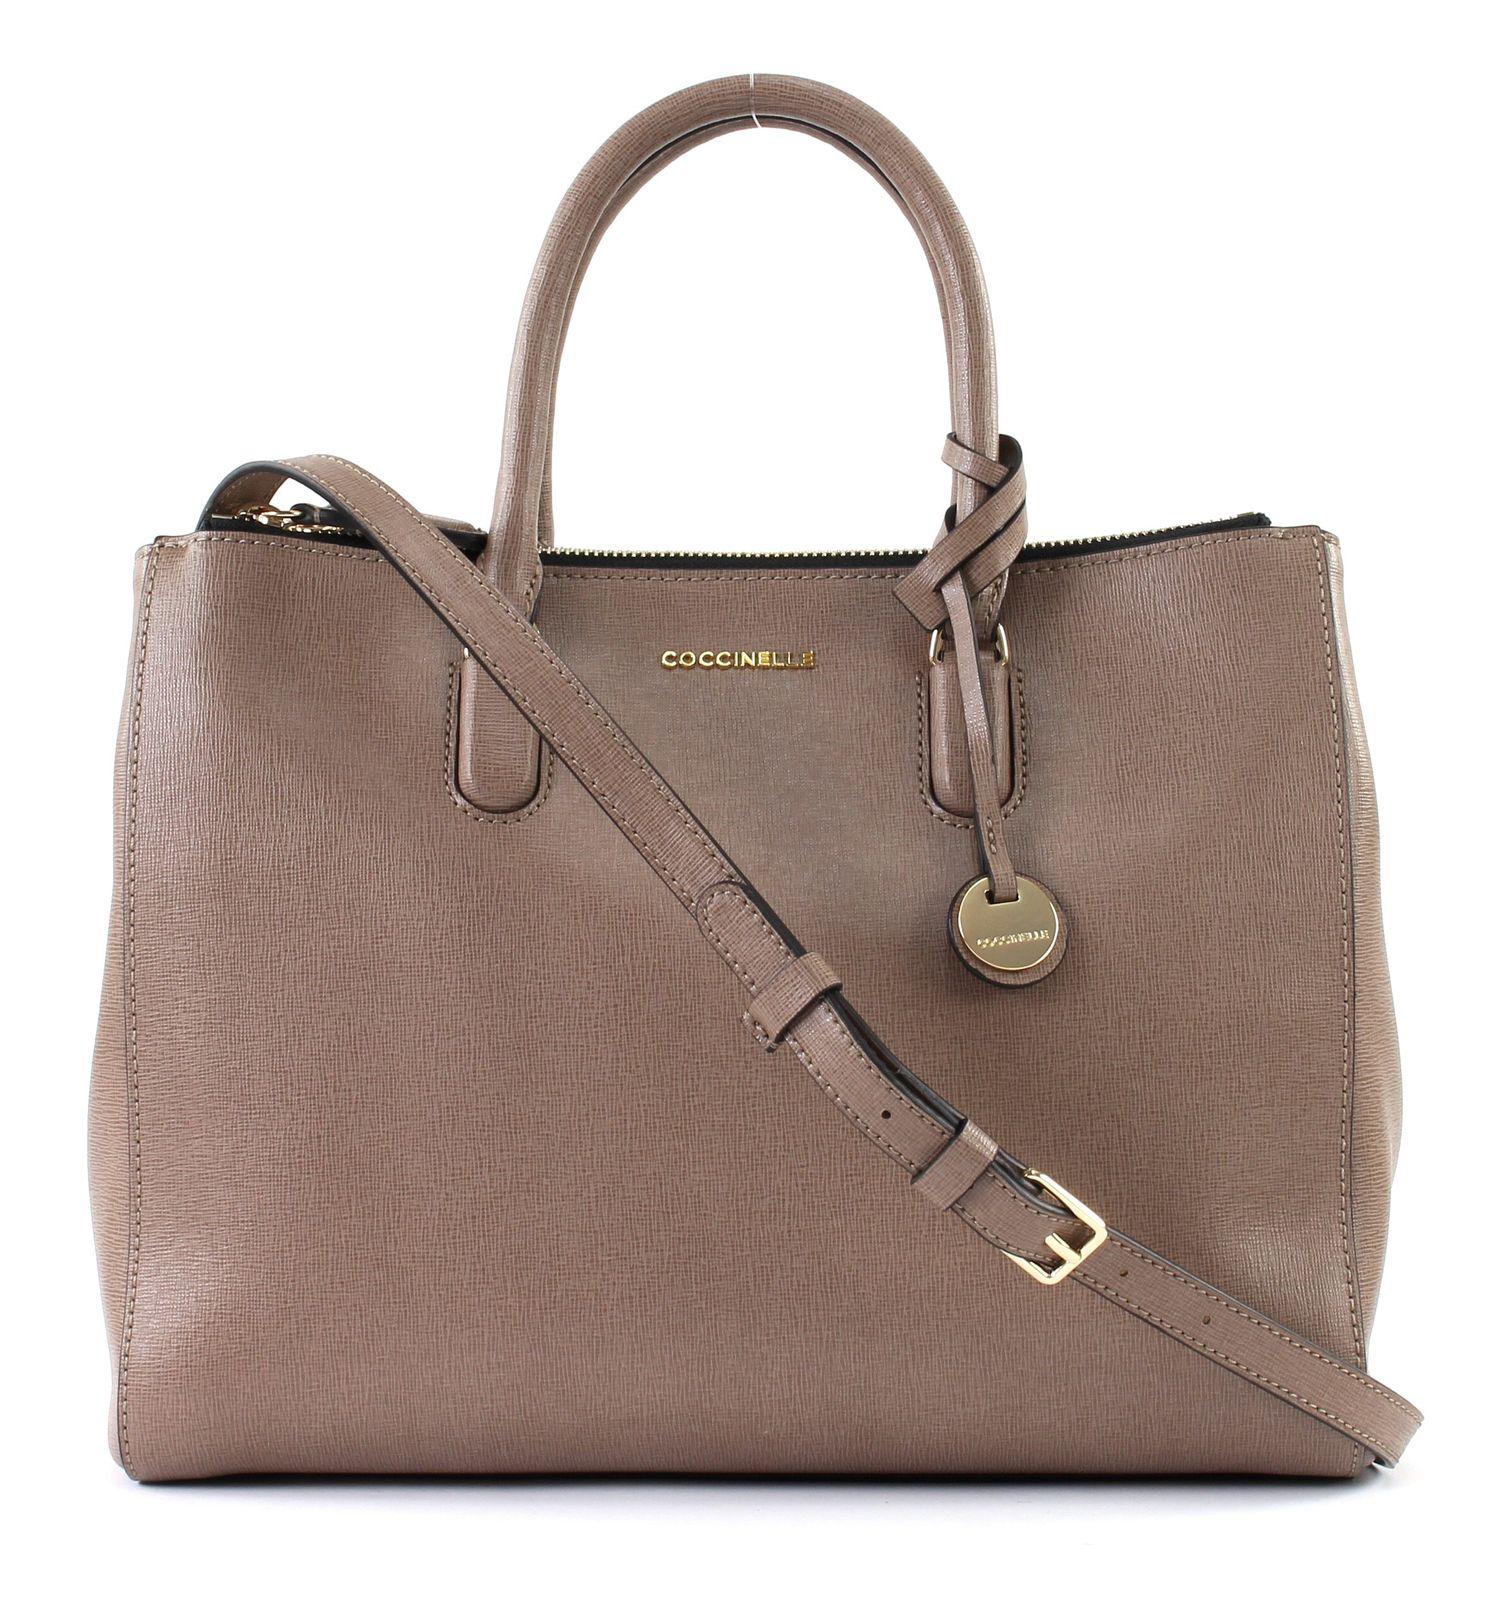 e0c358757618f COCCINELLE Clementine Handbag Handtasche Umhängetasche Tasche Taupe ...